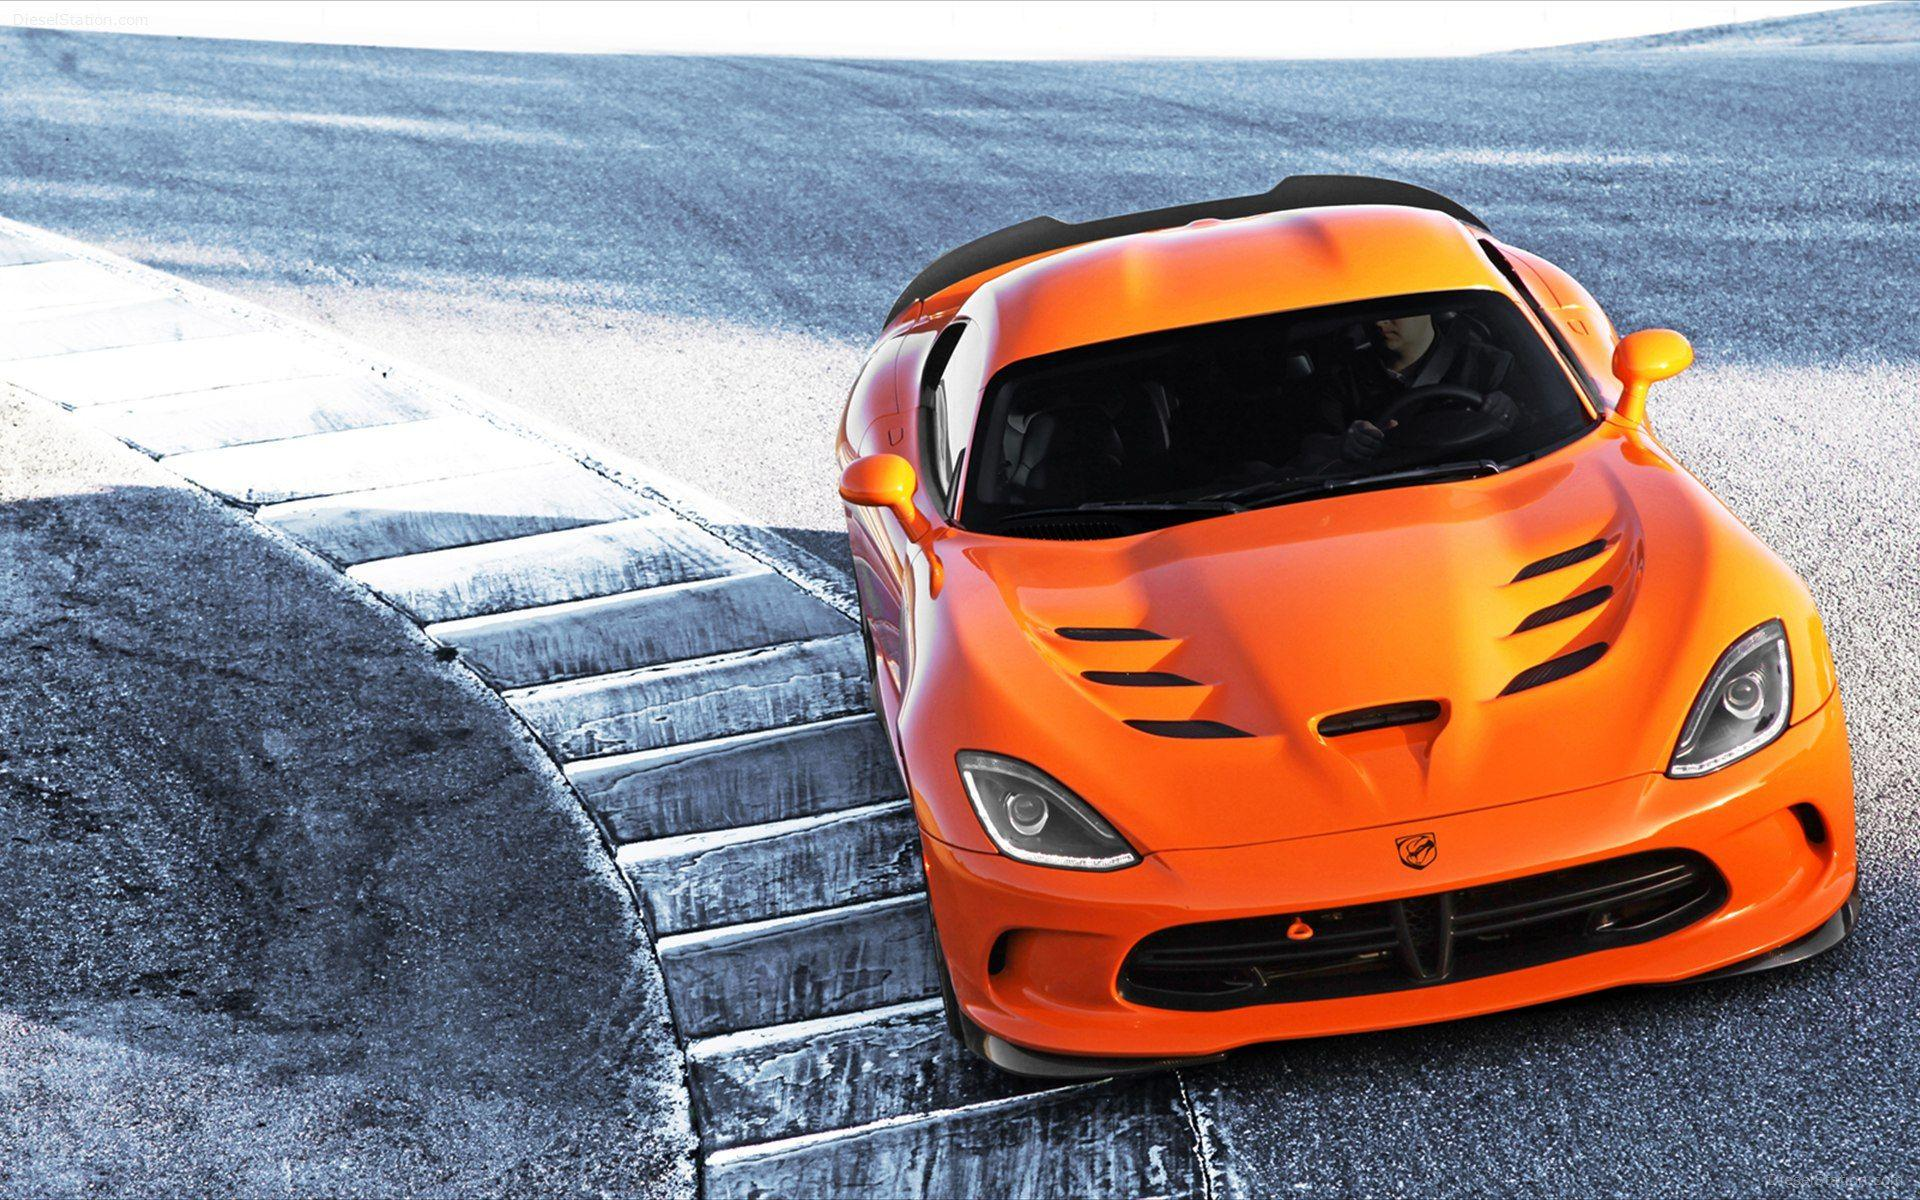 Dodge Viper Gt 2015 Wallpapers Hd Wallpaper Cave